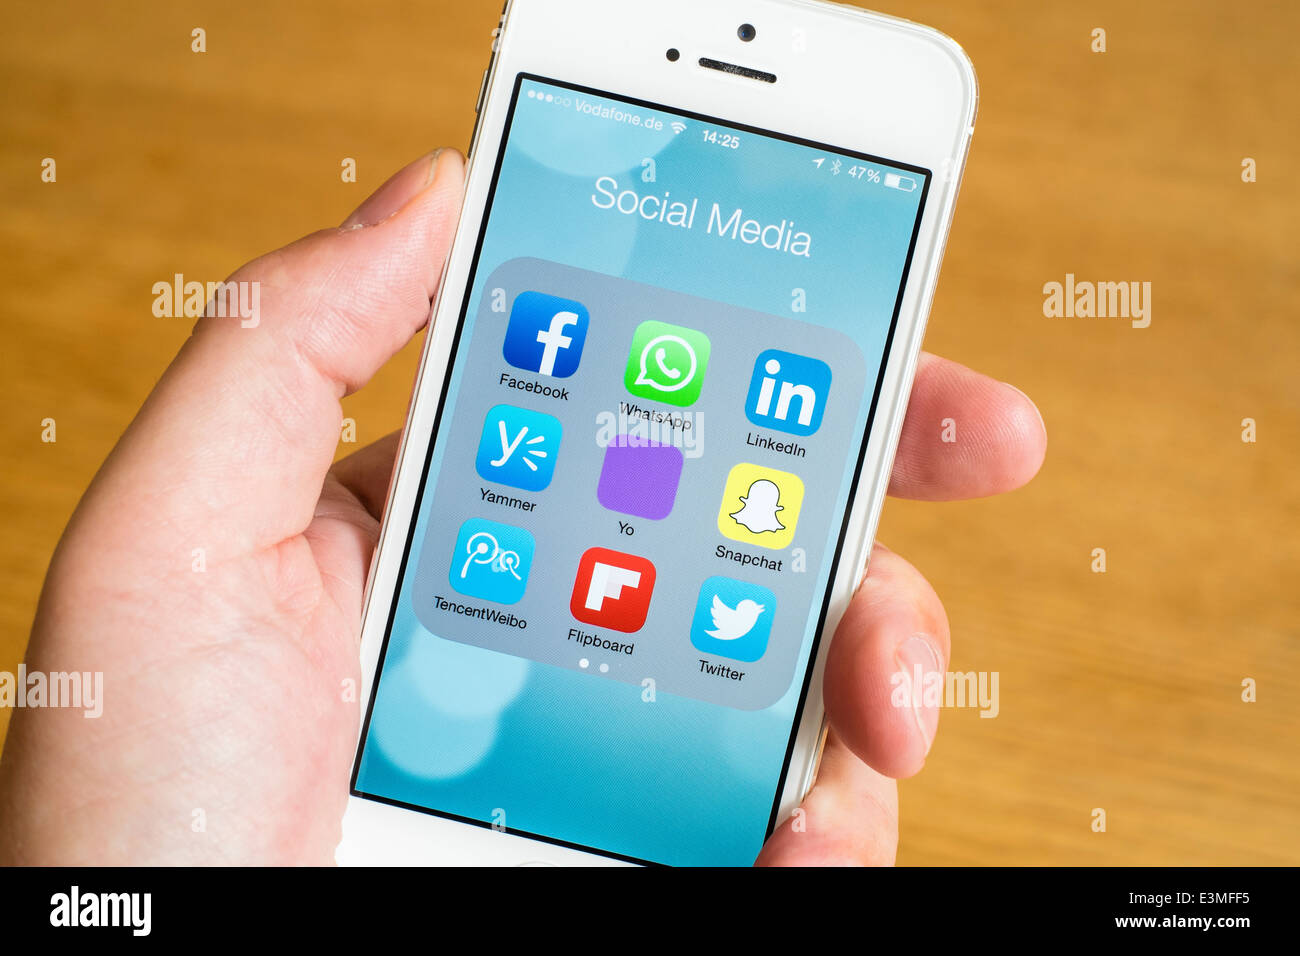 Dettaglio di molti social media le app su iPhone smart phone Immagini Stock